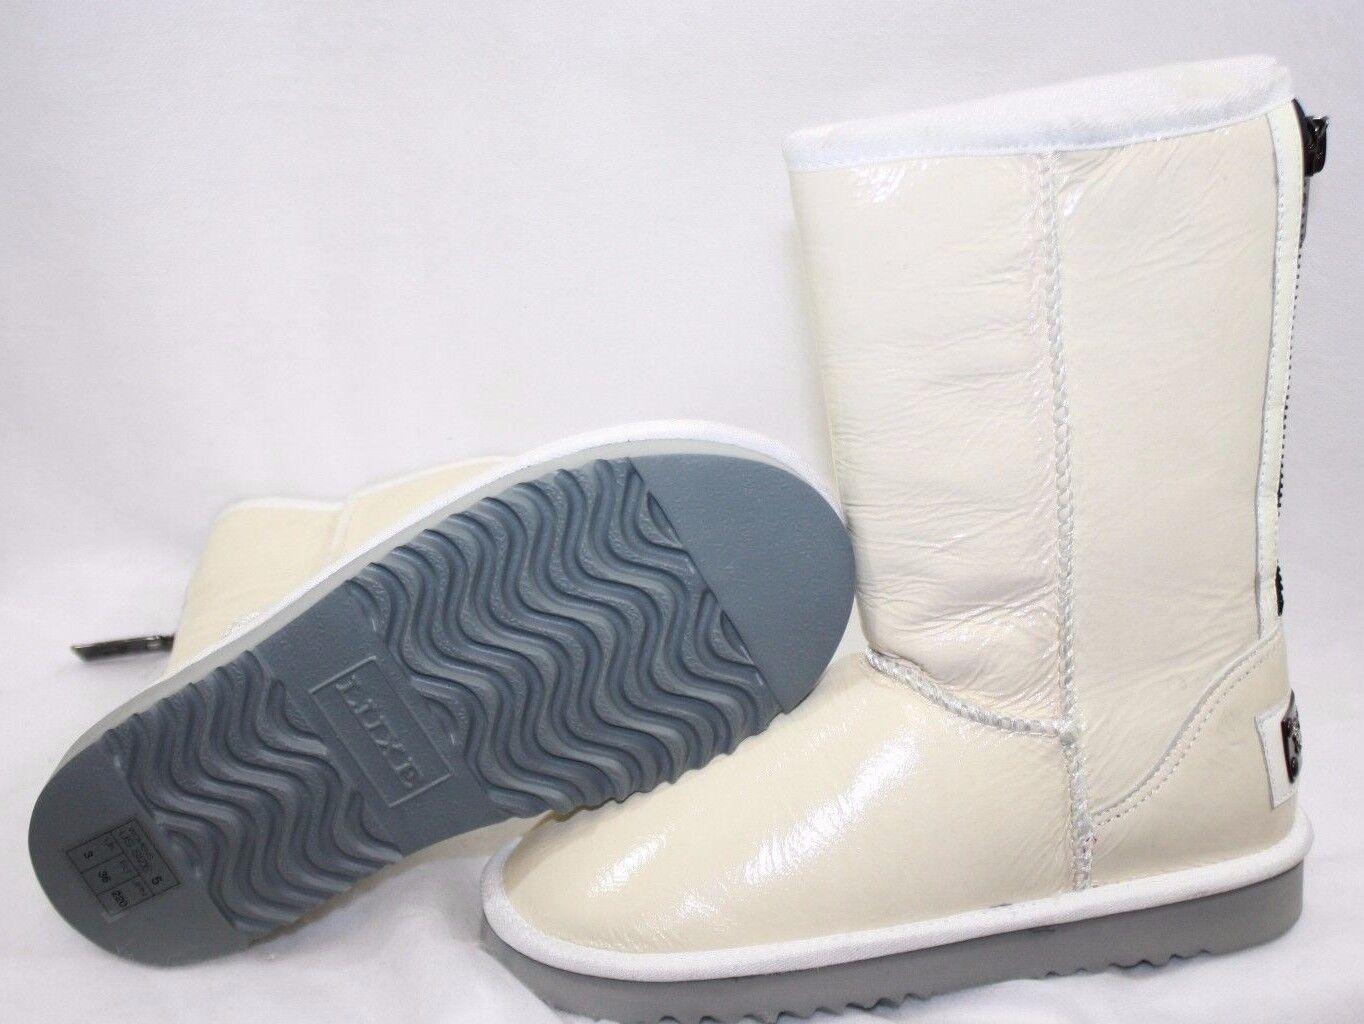 Nuevo para para para mujer Australia Luxe Amor botas blancoo corto cremallera 6  descuento de ventas